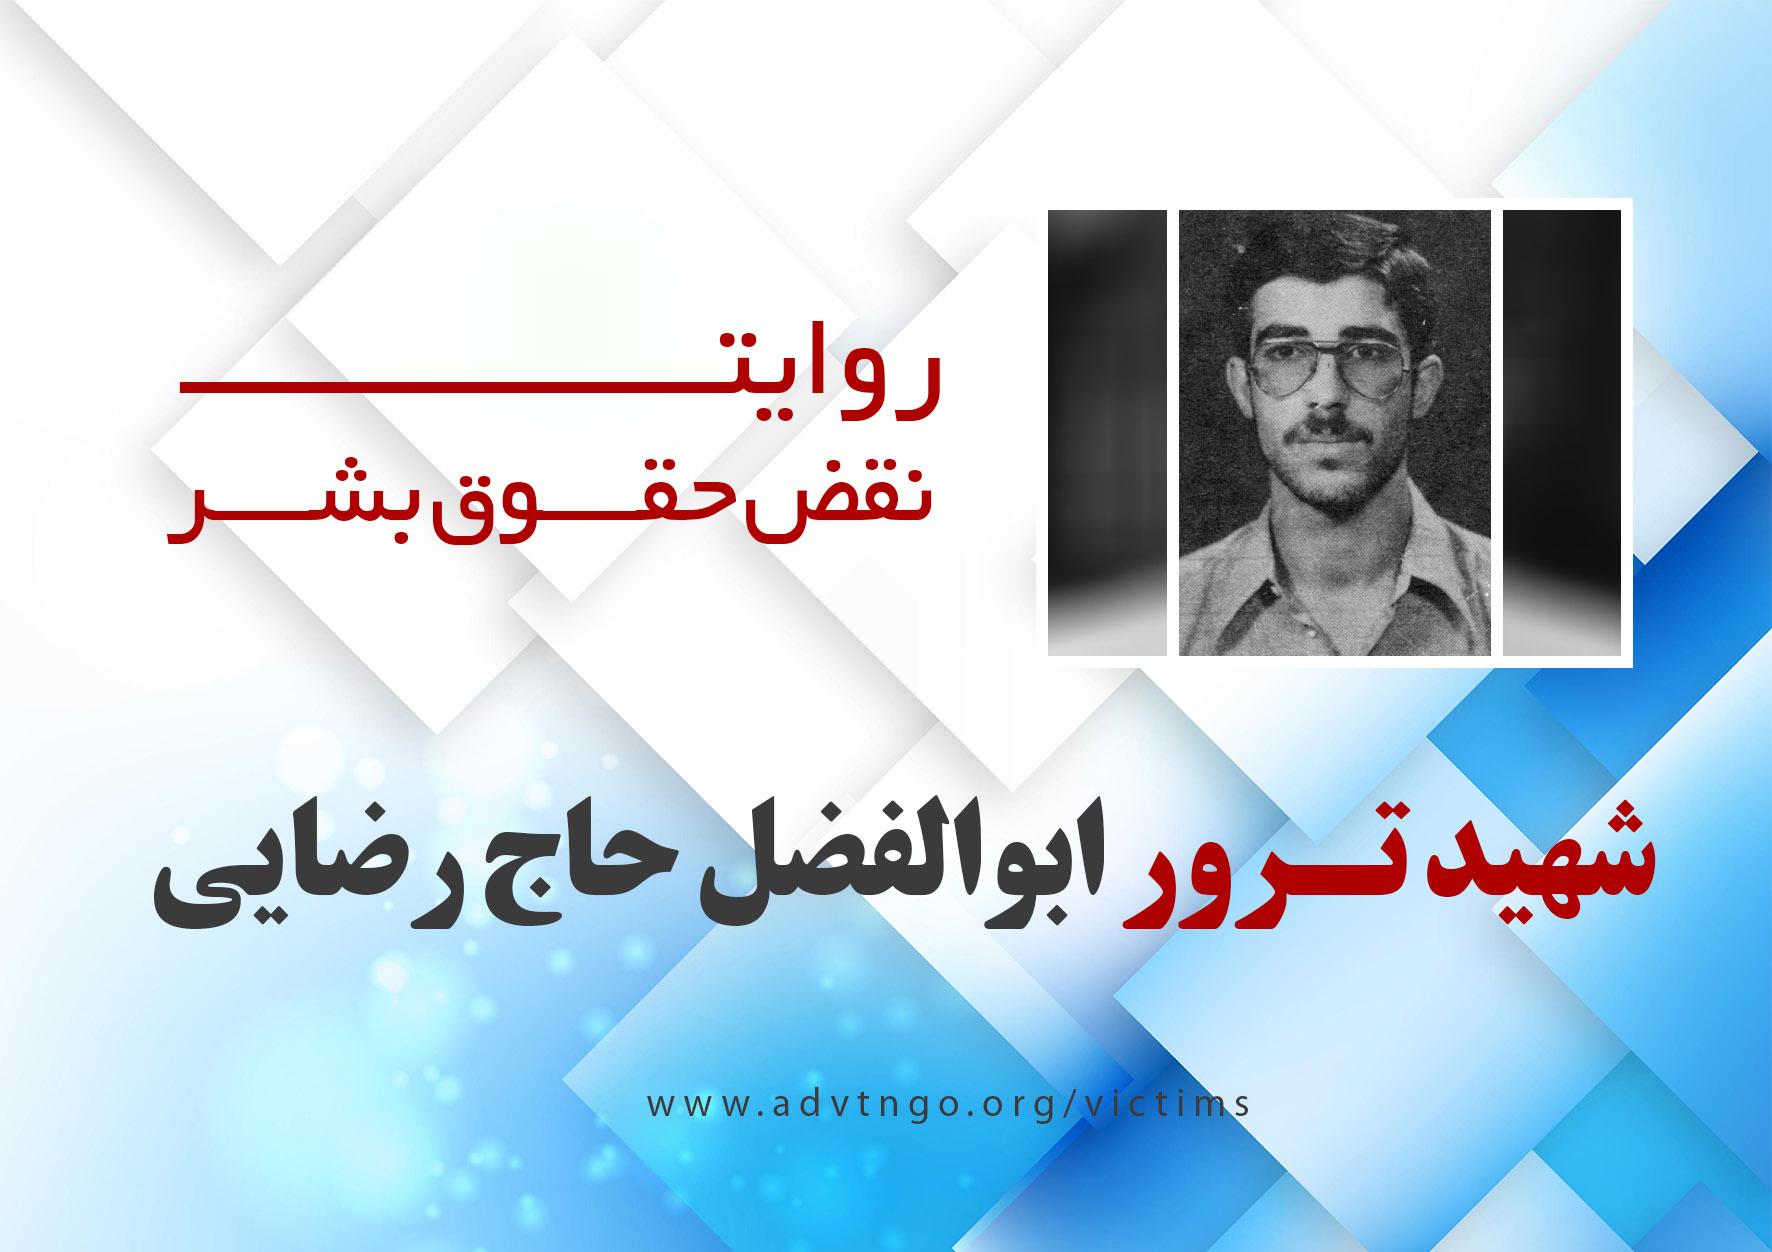 روایت نقض حقوق بشر؛ شهید ابوالفضل حاج رضایی